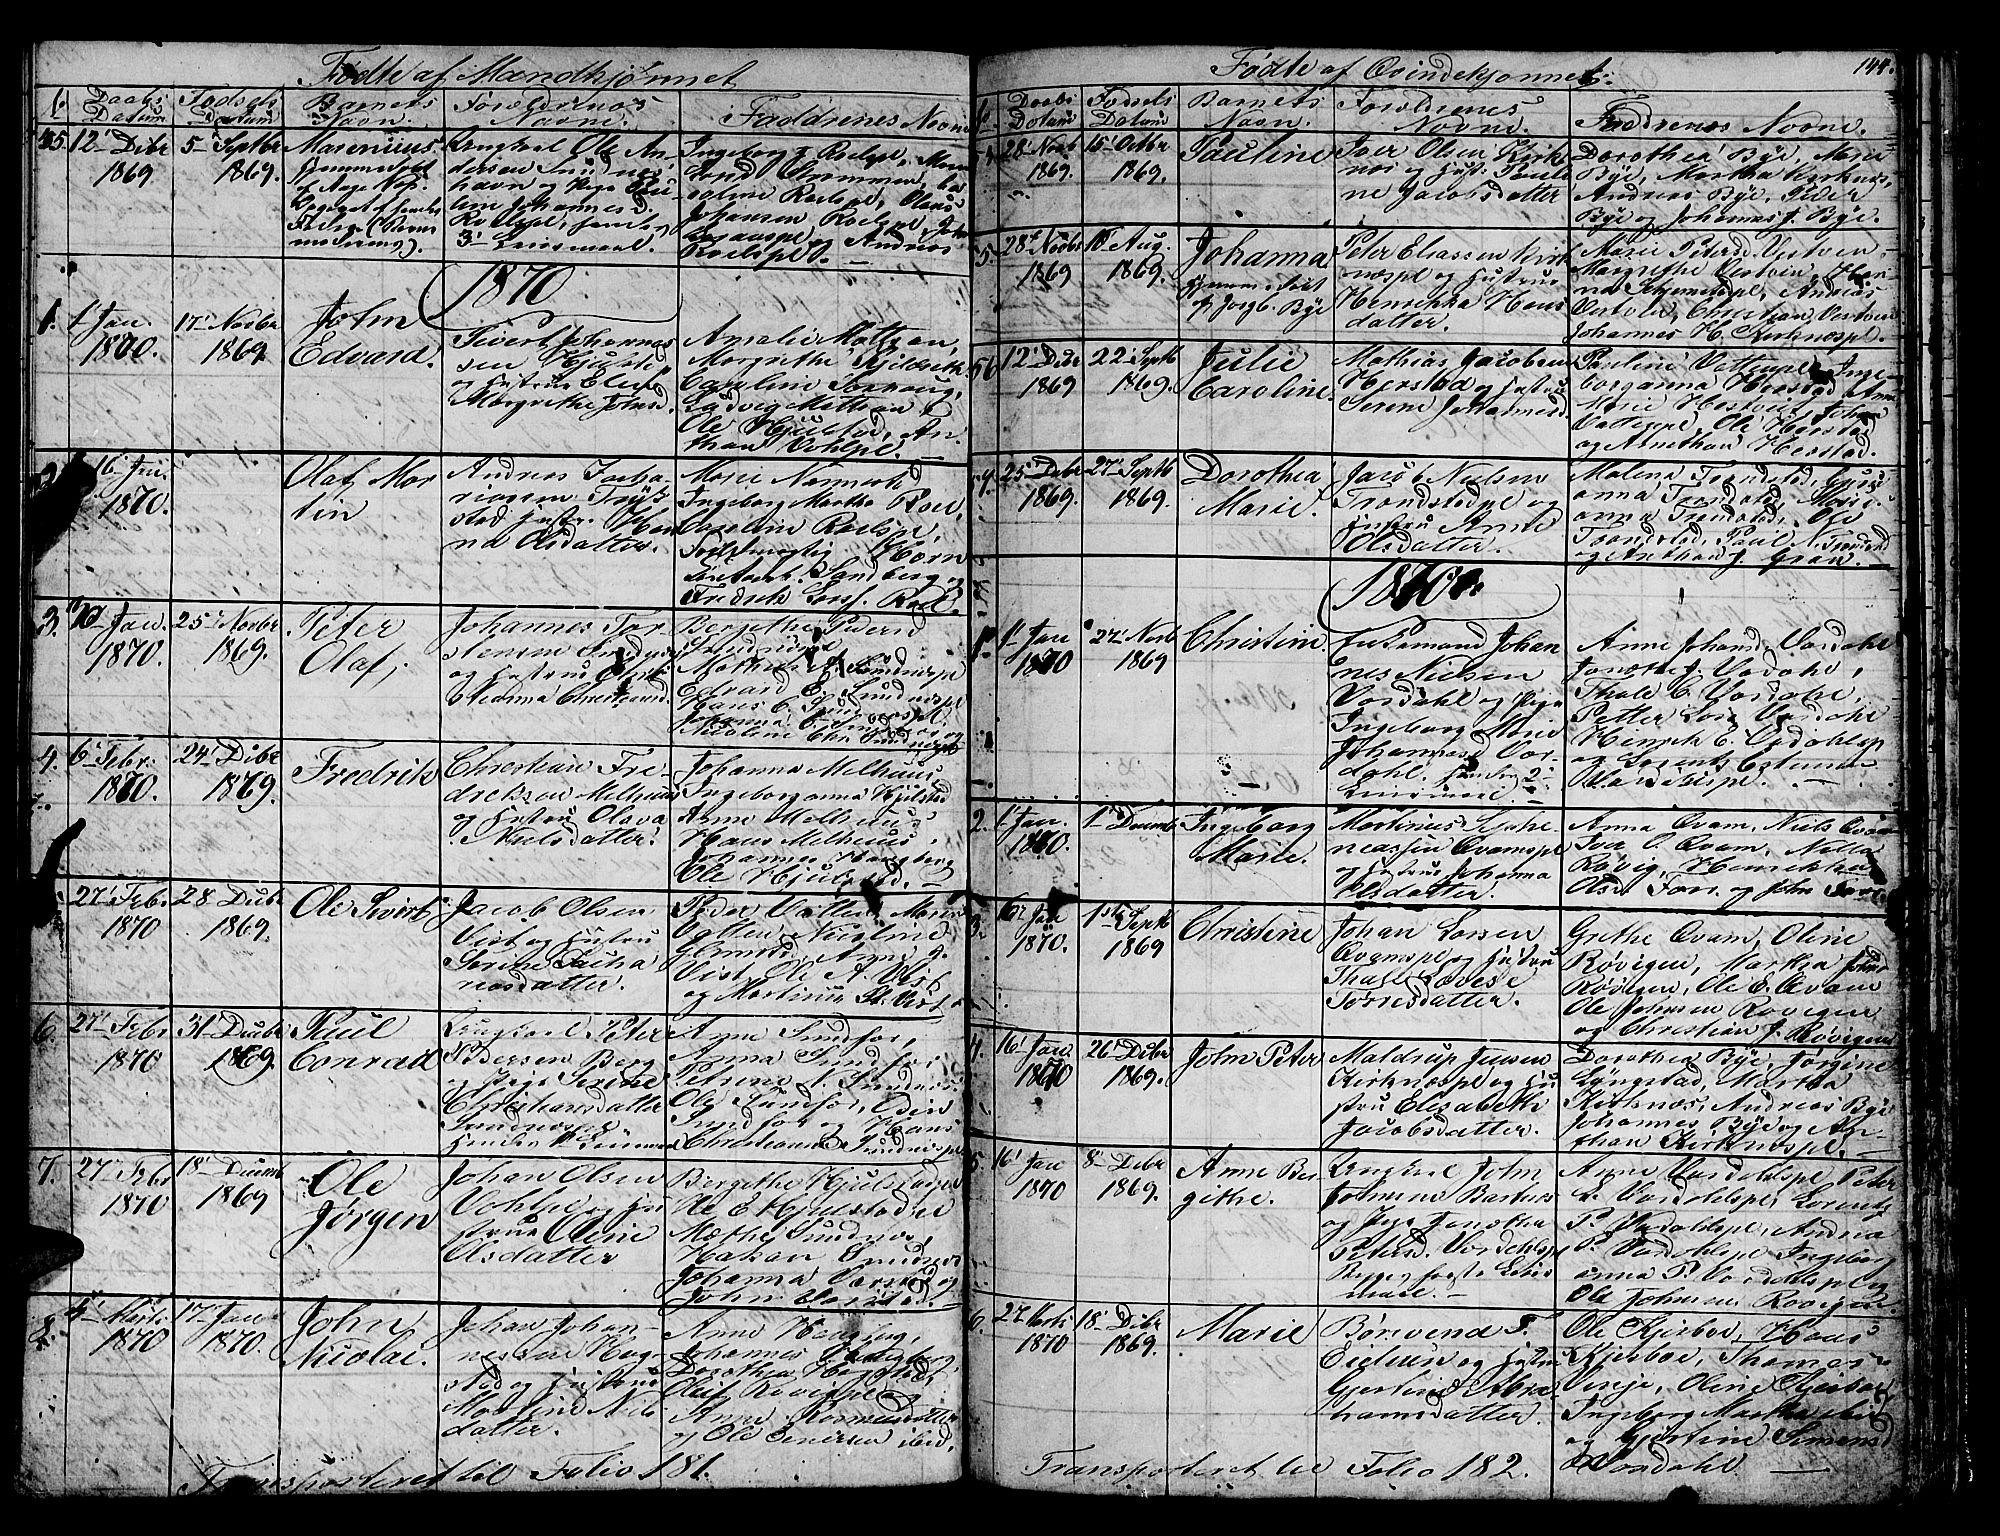 SAT, Ministerialprotokoller, klokkerbøker og fødselsregistre - Nord-Trøndelag, 730/L0299: Klokkerbok nr. 730C02, 1849-1871, s. 144